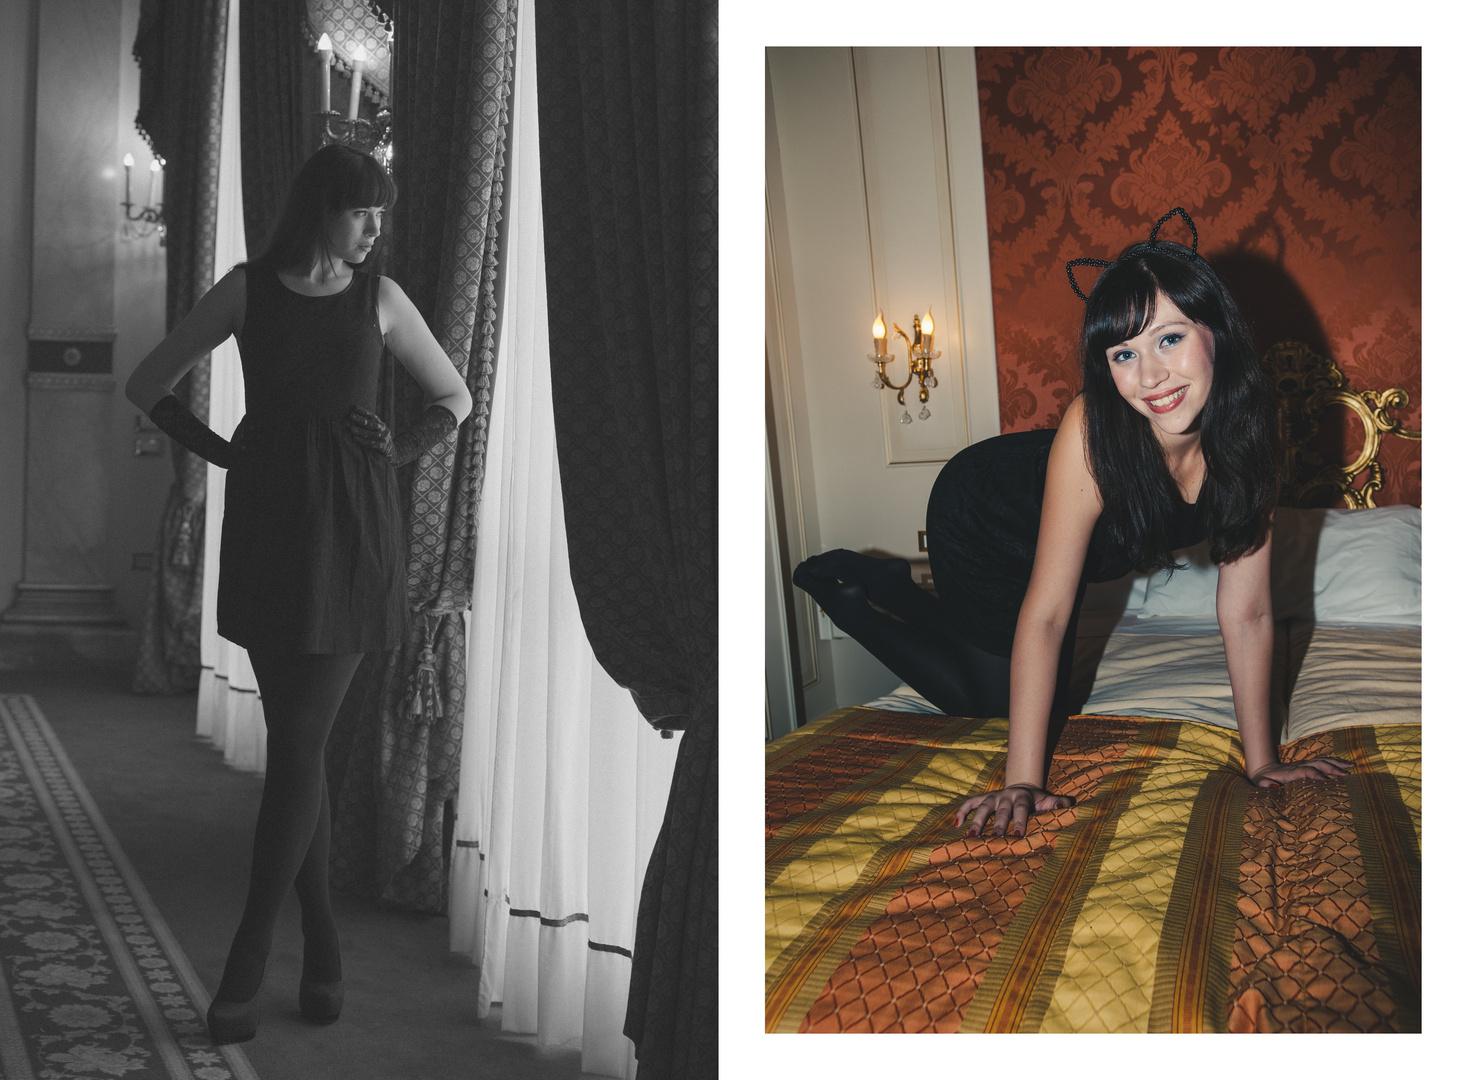 www.jansphotography.de